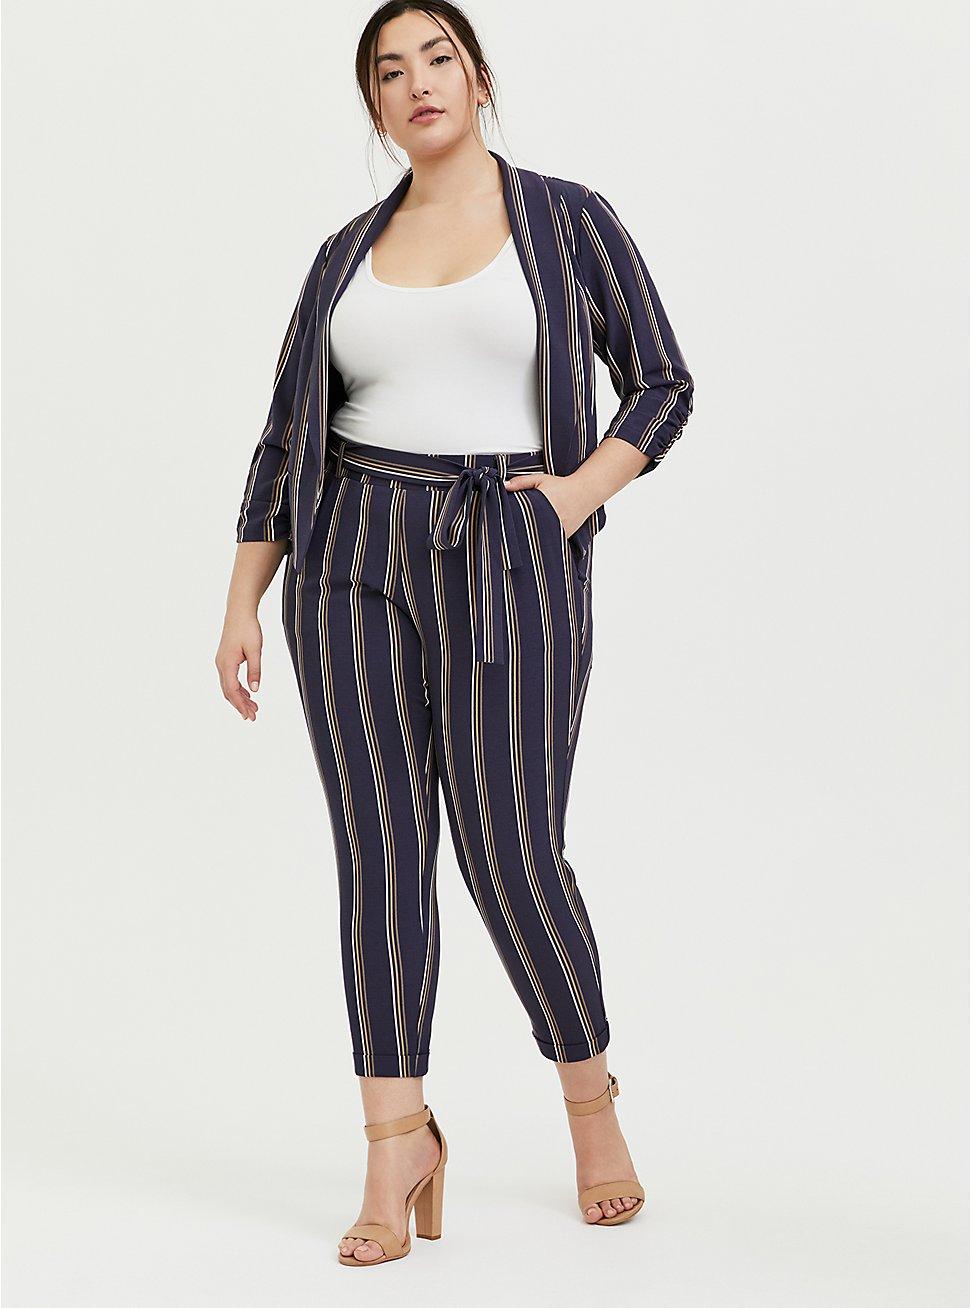 Dark Slate Grey Multi Stripe Crepe Self Tie Tapered Pant, STRIPES, hi-res